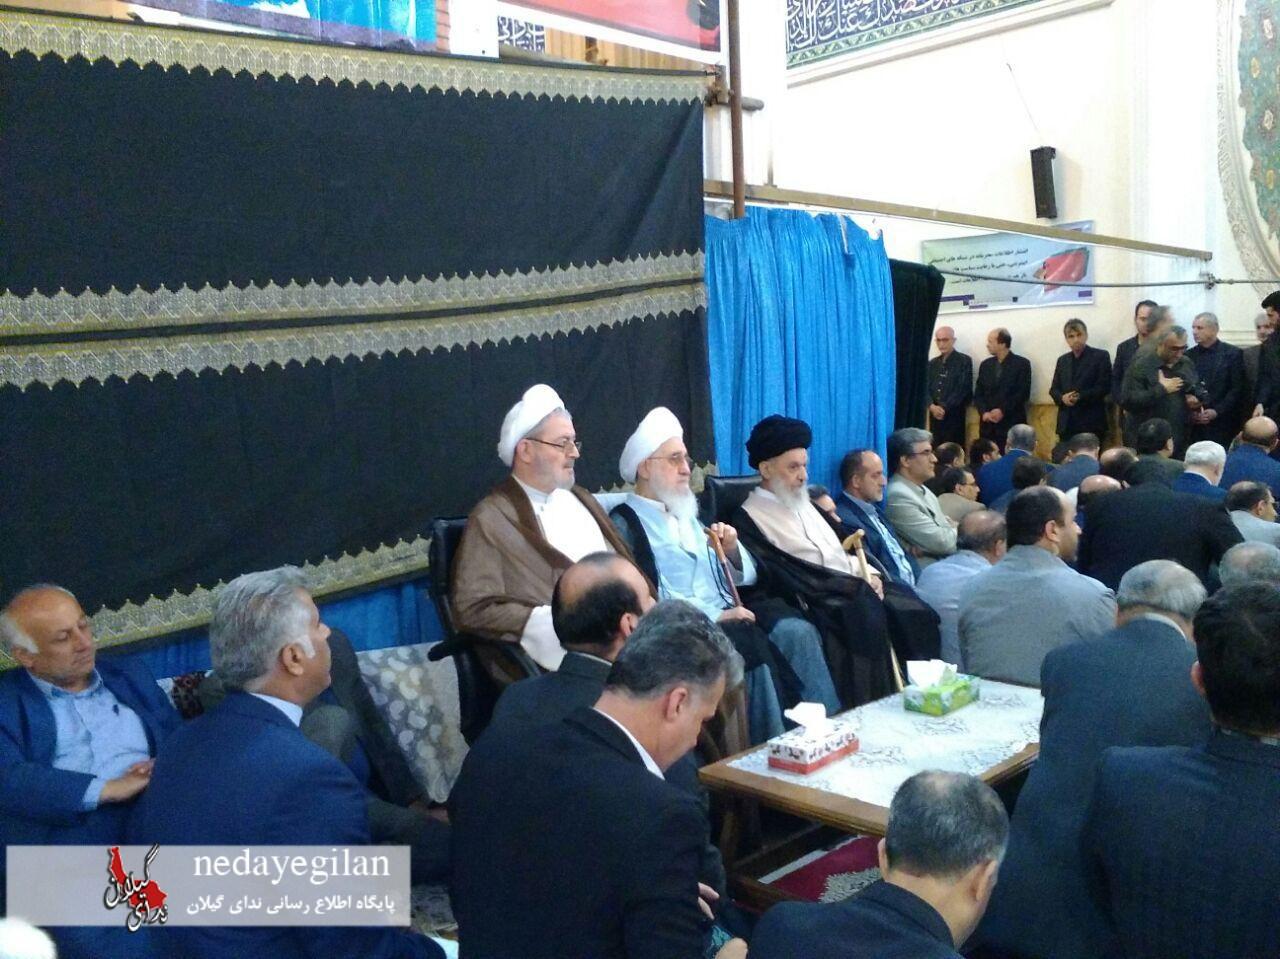 گزارش تصویری مراسم نکوداشت یاد و خاطره استاندار فقید گیلان در مصلی امام خمینی رشت